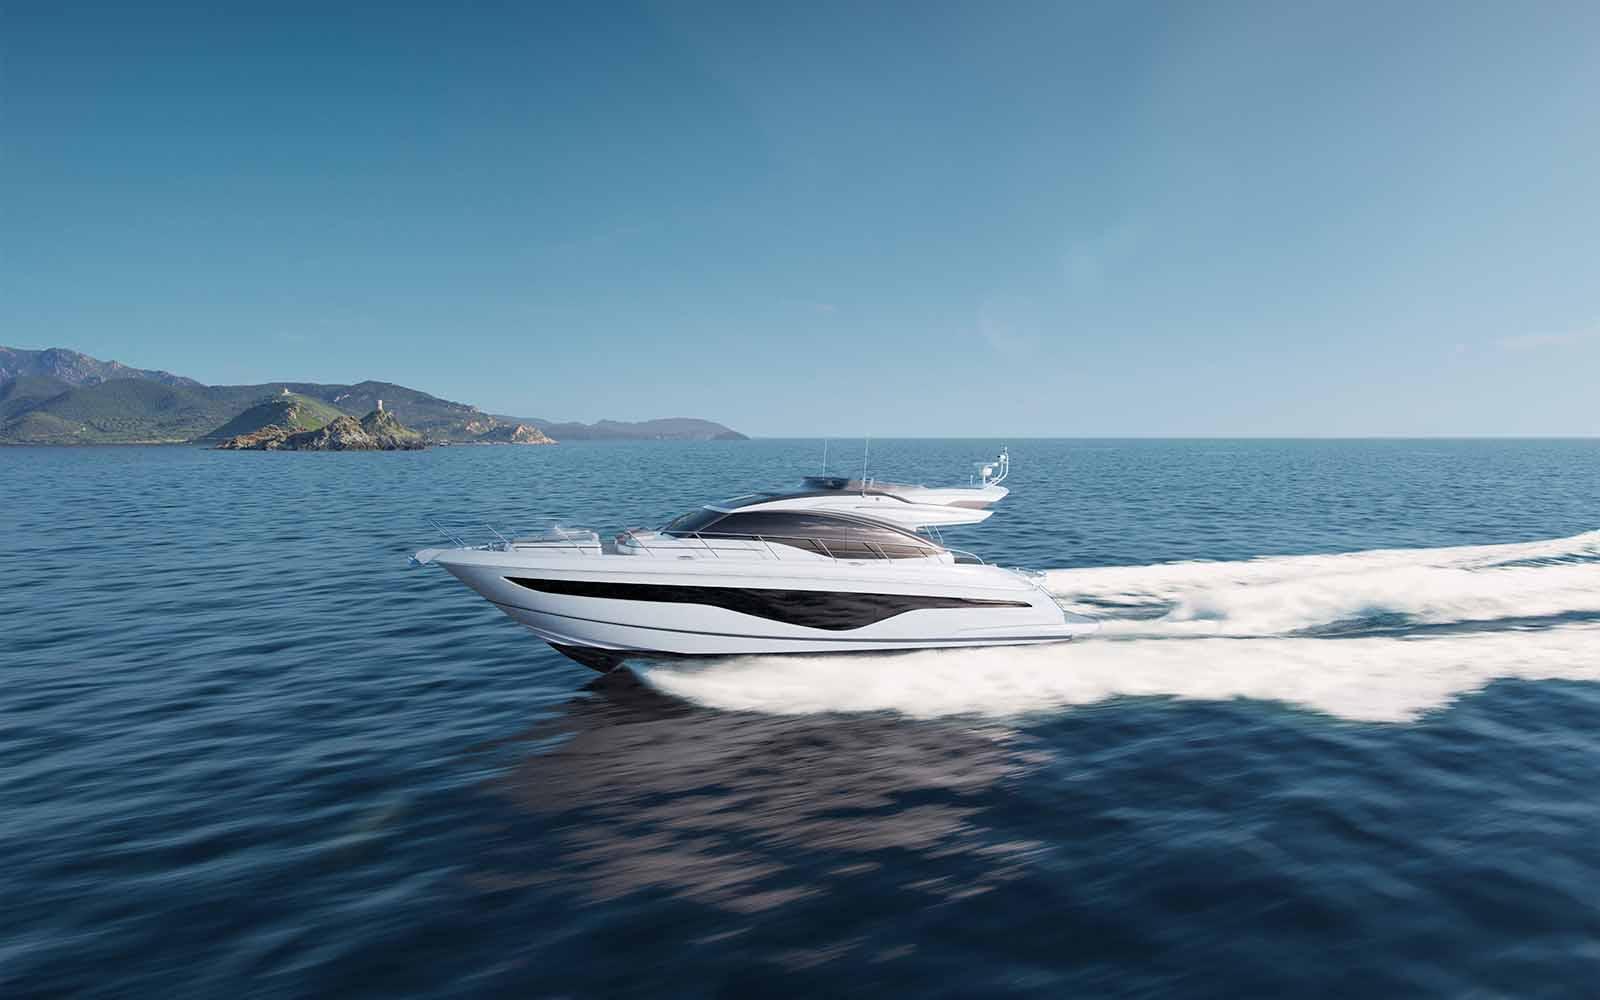 Princess S62 - boat shopping